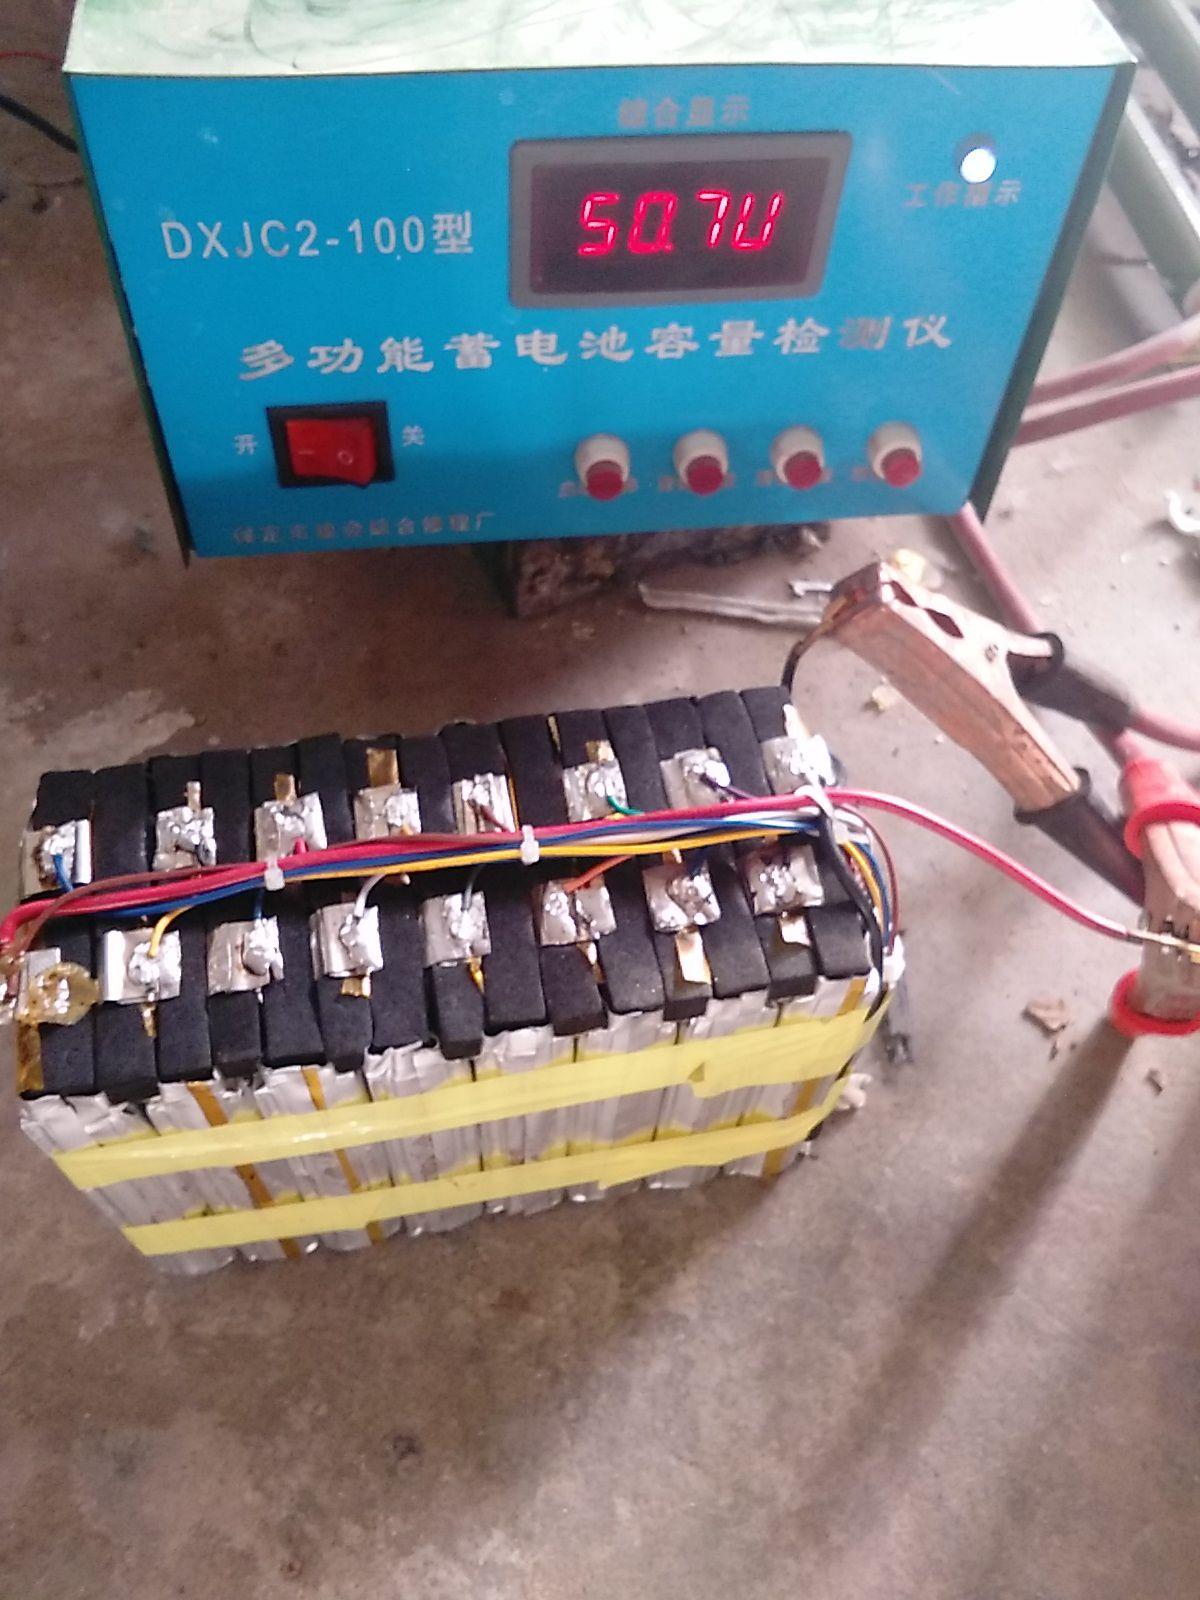 本人想开一个电动车锂电池组装厂,需要哪些设备?材料哪里买?图片